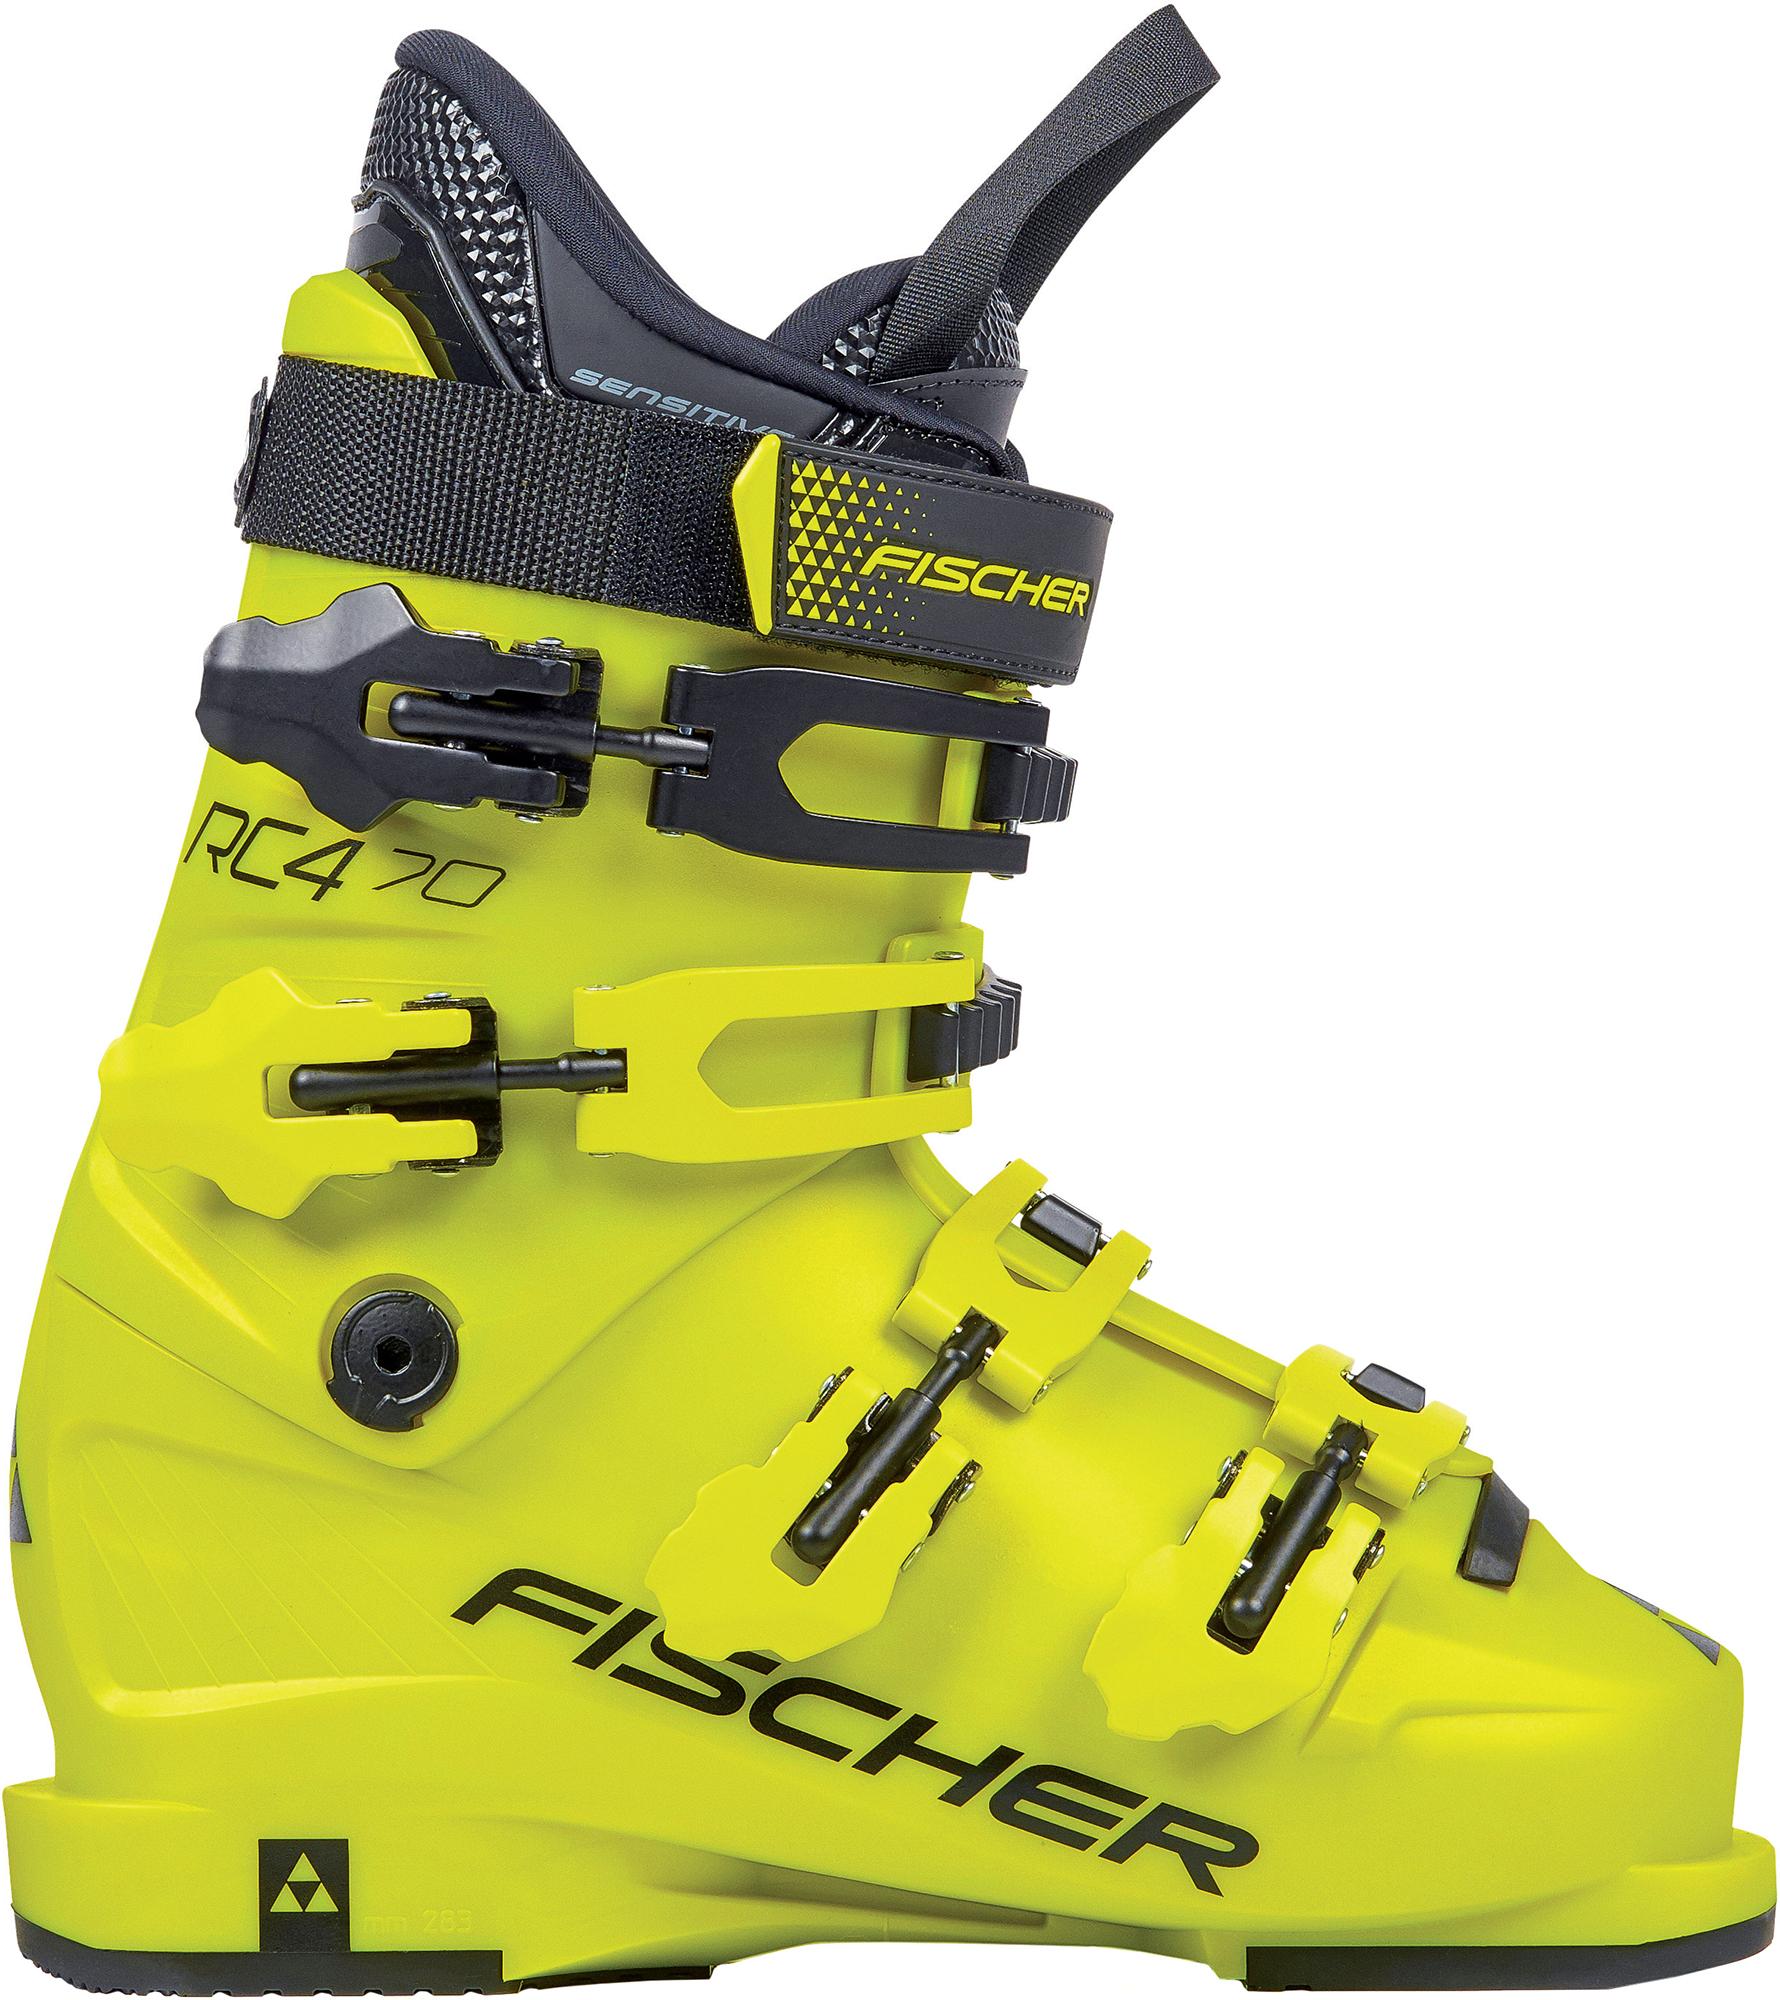 Fischer Ботинки горнолыжные детские Fischer RC4 70, размер 24